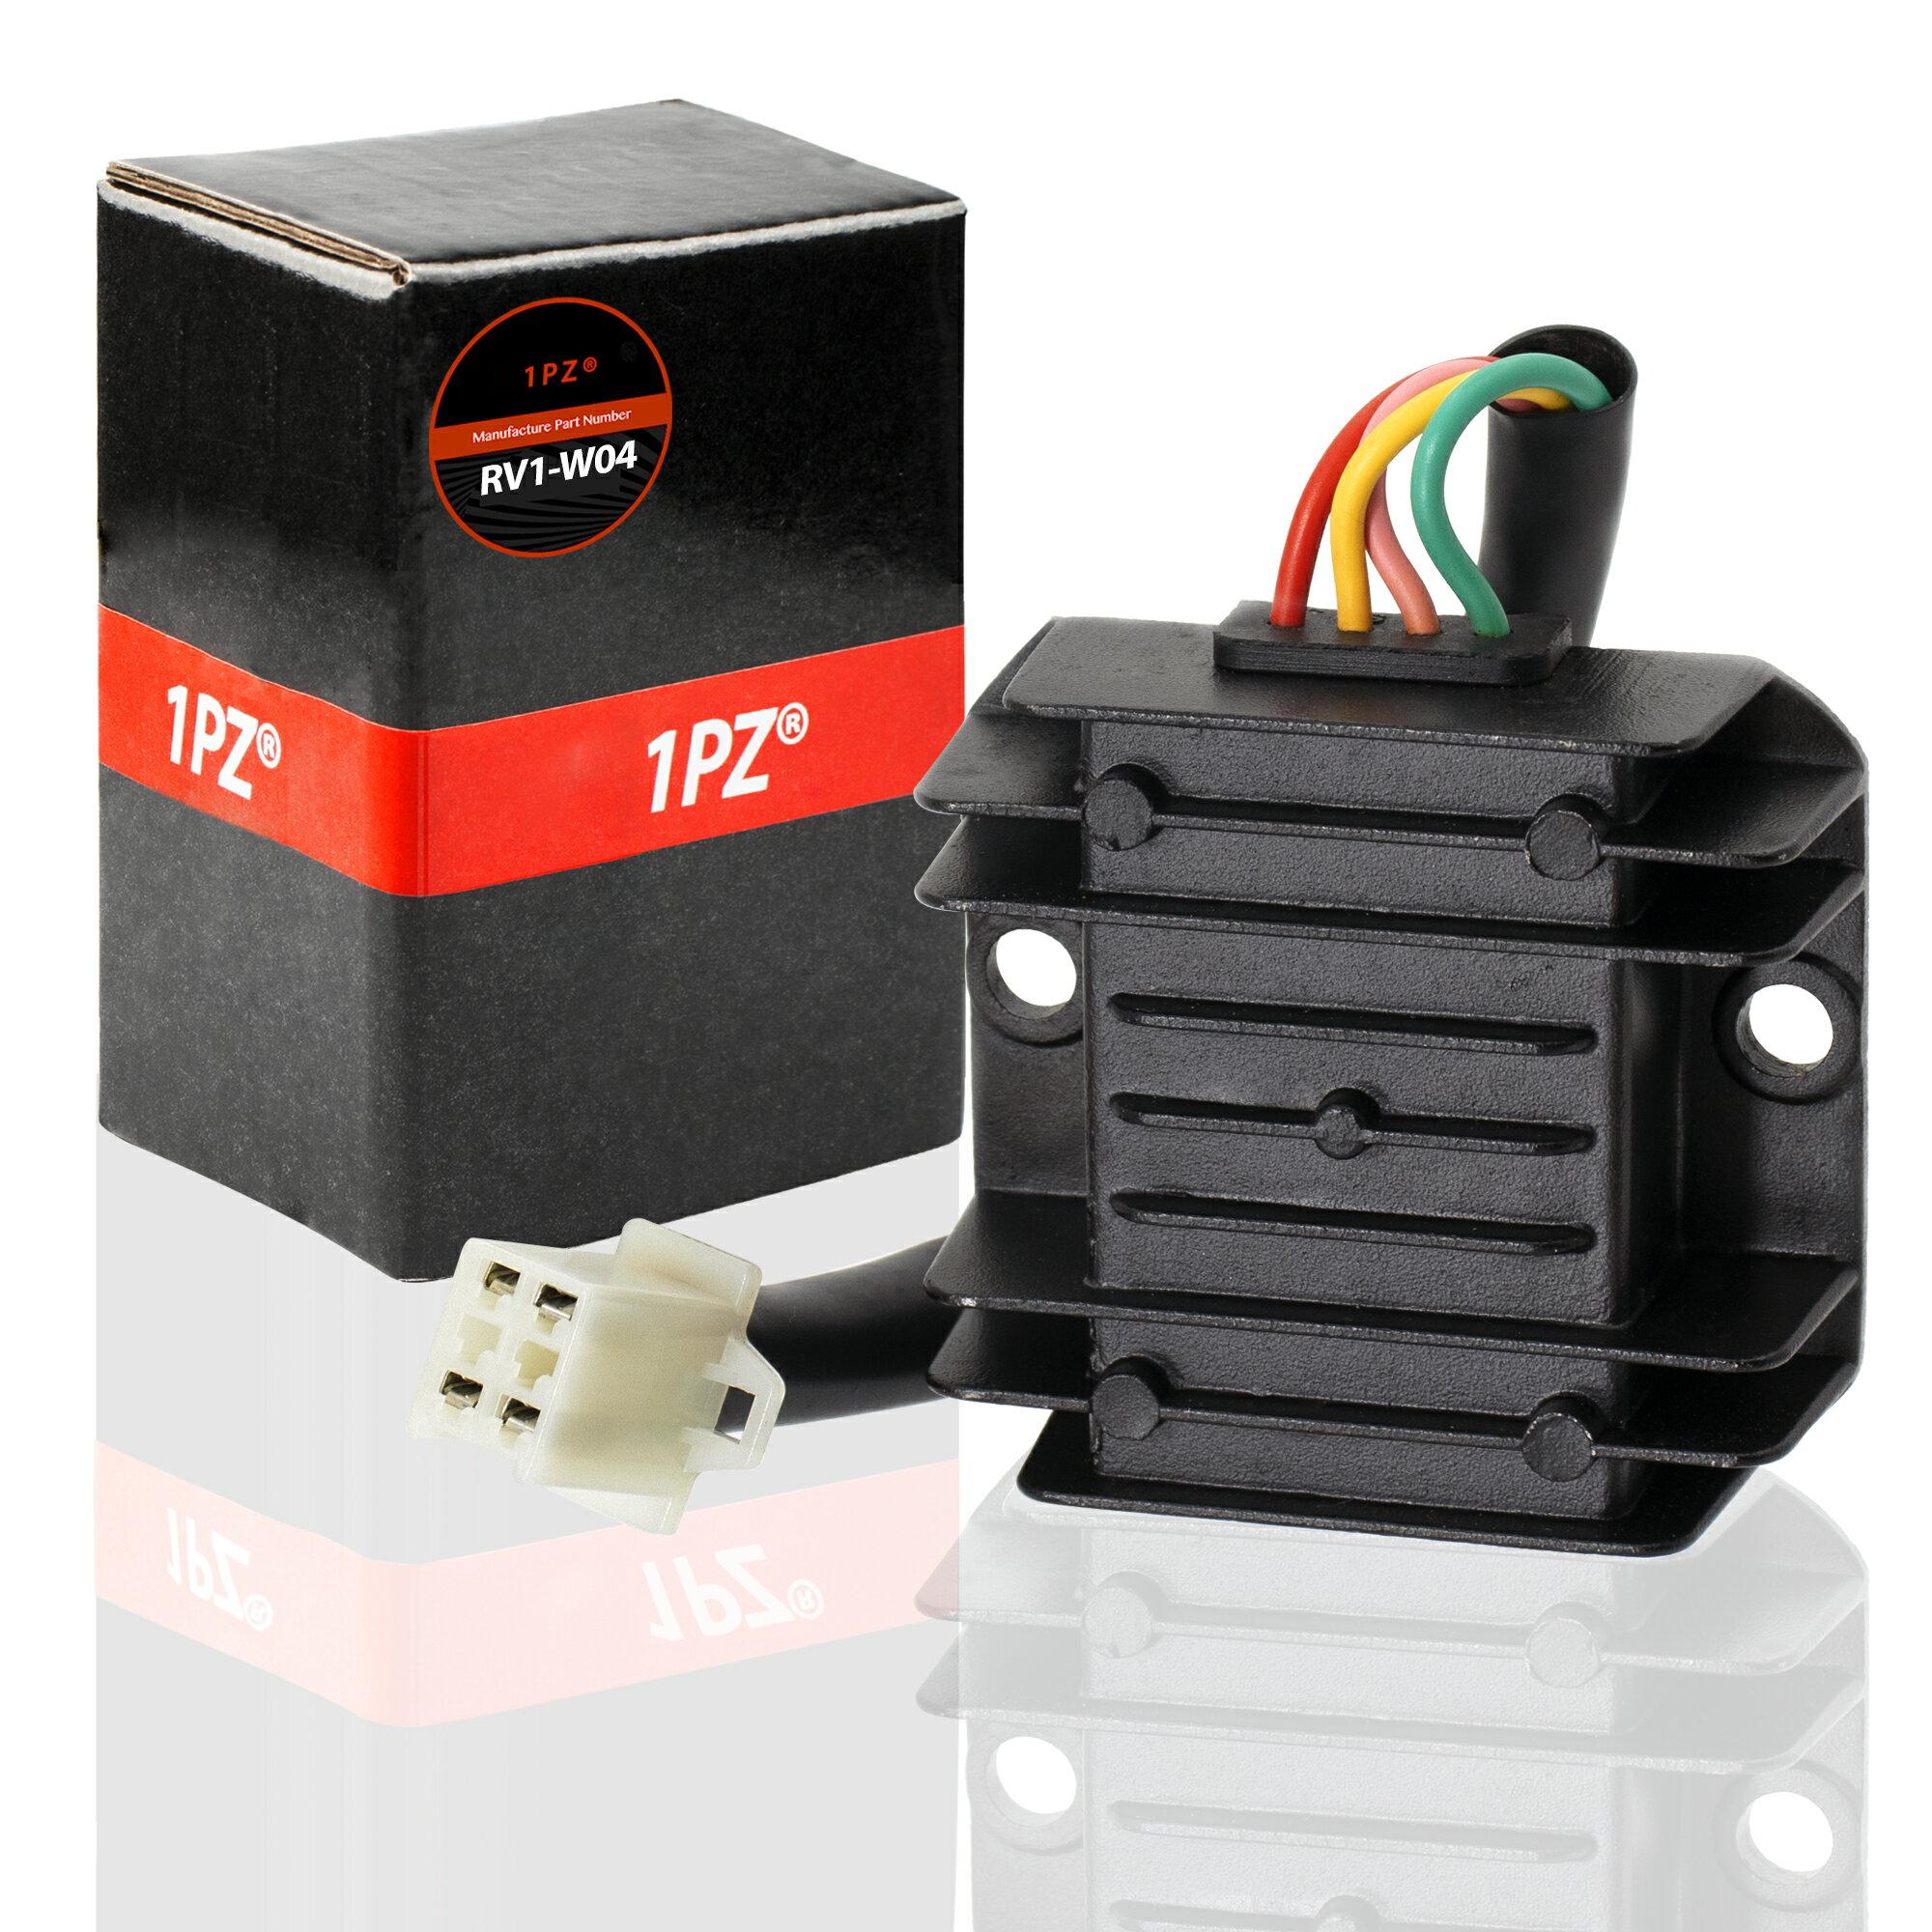 1PZ RV1-W04 4 Wire 12V Voltage Regulator for CG 125cc 200cc 250cc and GY6  50cc 60cc 80cc 125cc 150cc ATV Dirt Bike Go Kart Moped and Scooter